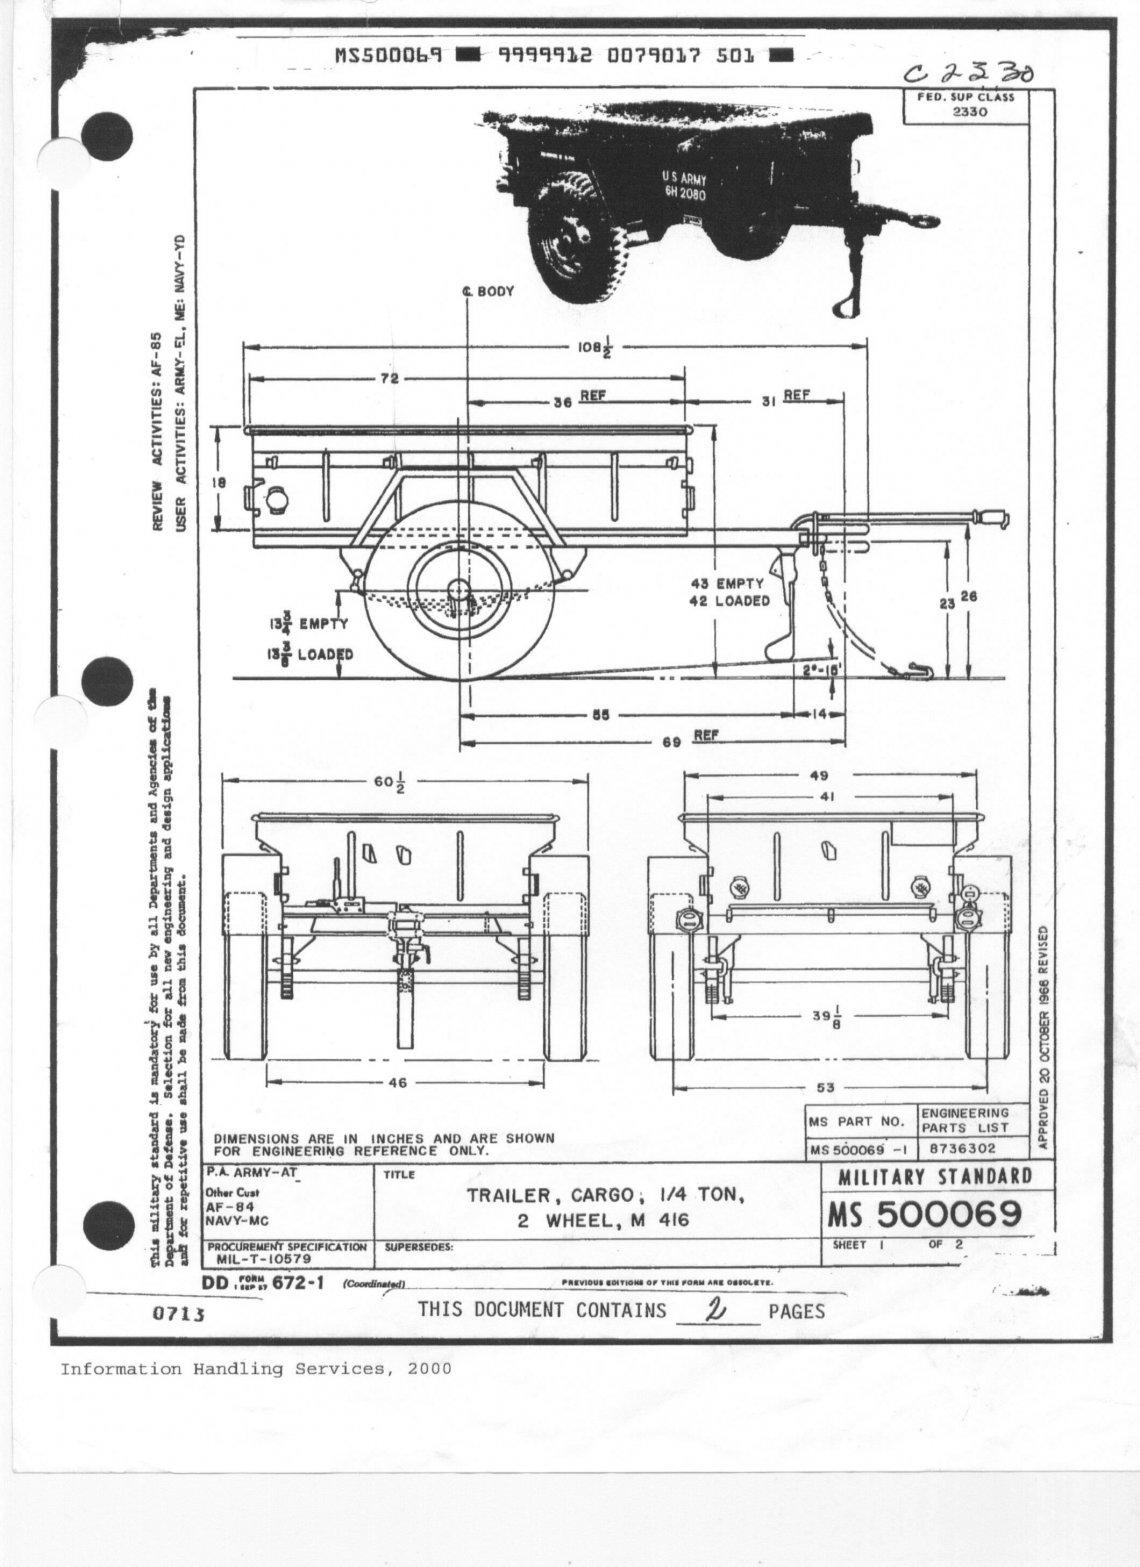 trailer-dimensionsm416-1.jpg